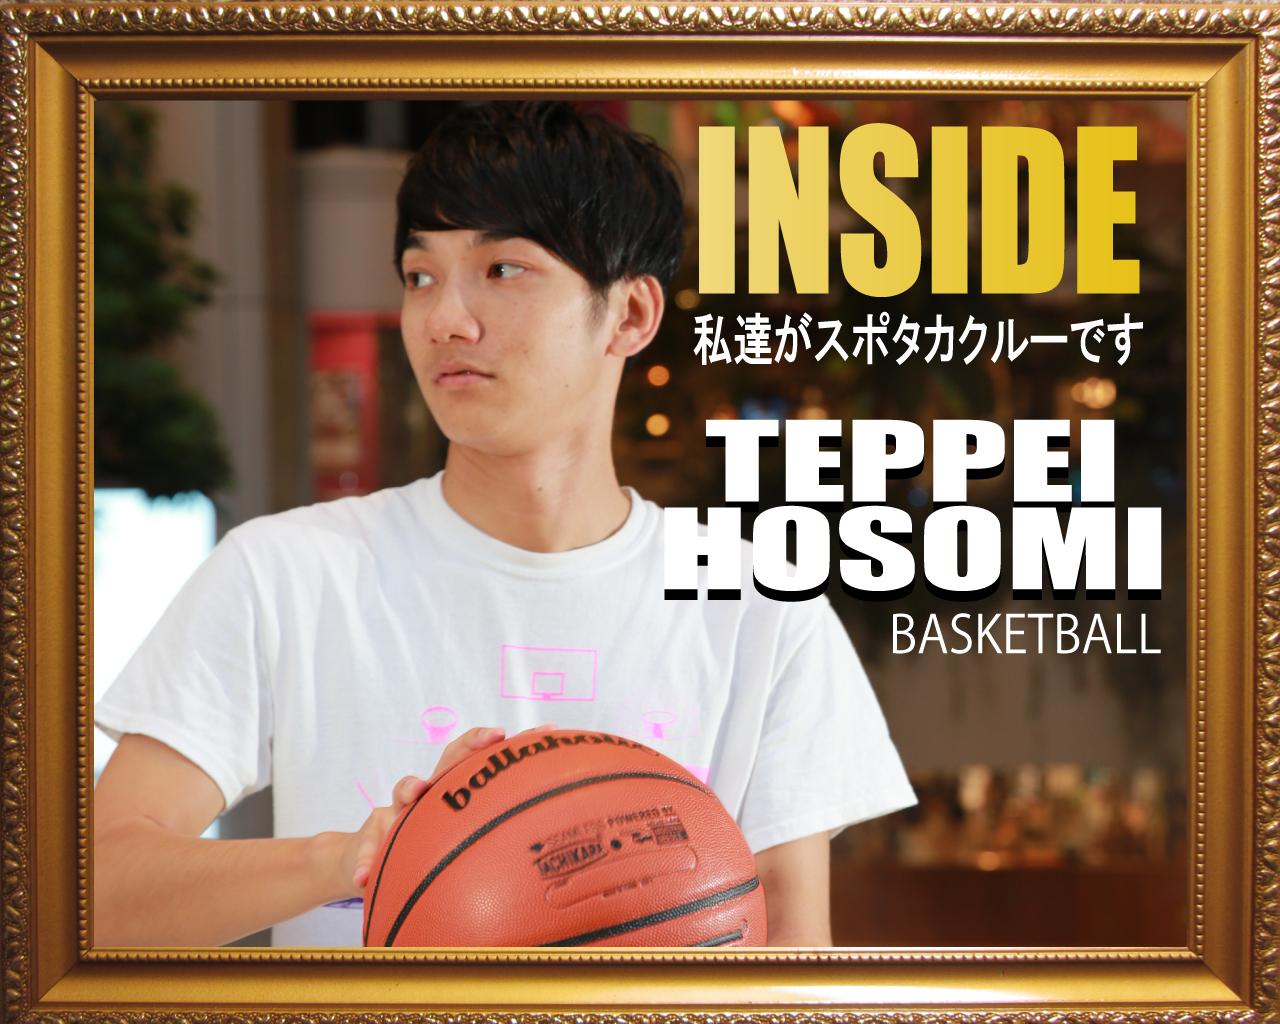 [INSIDE ]私達がスポタカクルーです。 バスケットボール  TEPPEI  HOSOMI